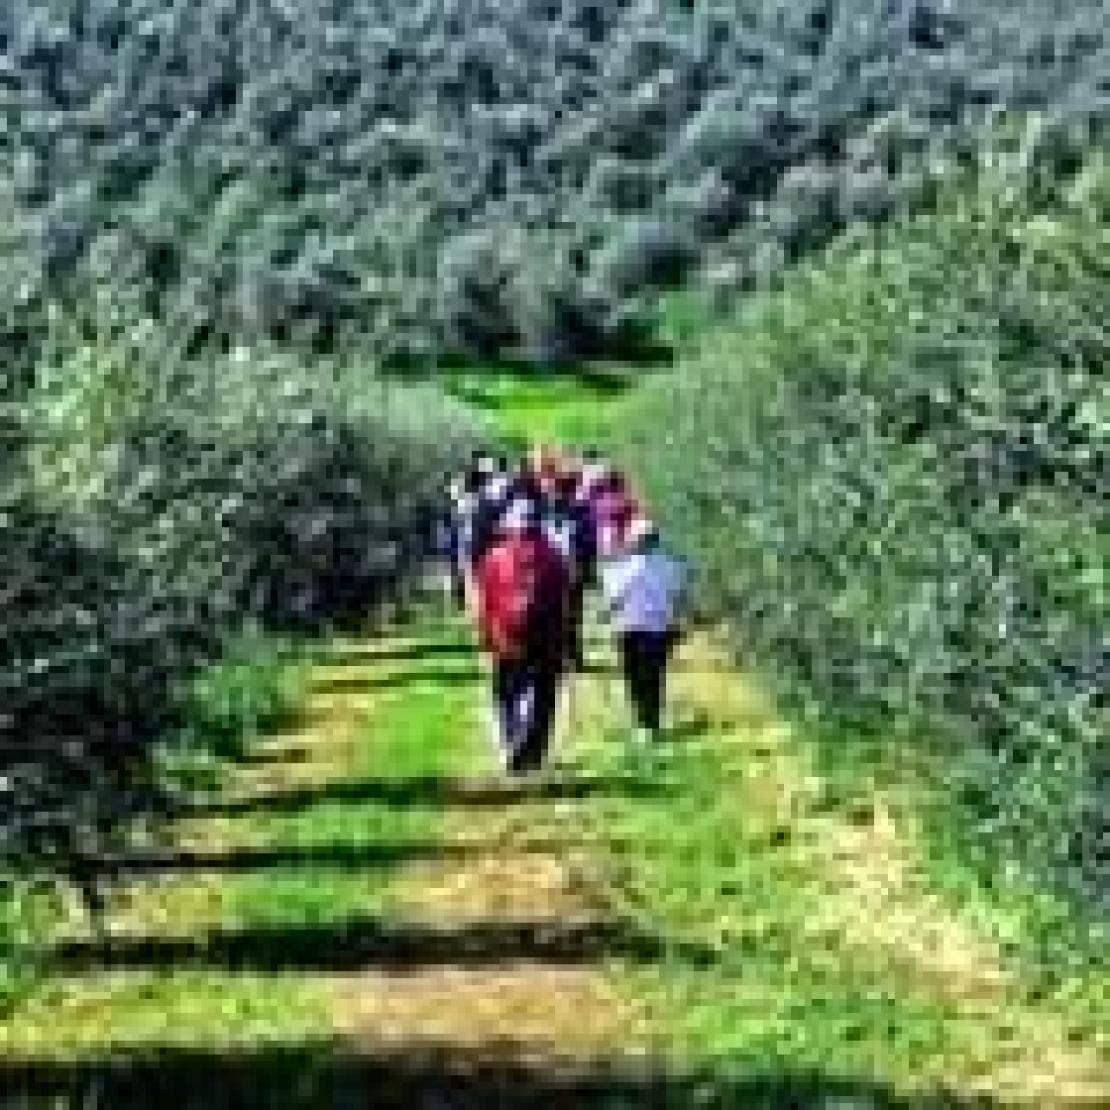 Guardare oltre la produzione. Debutta il Nordic Walking tra gli olivi